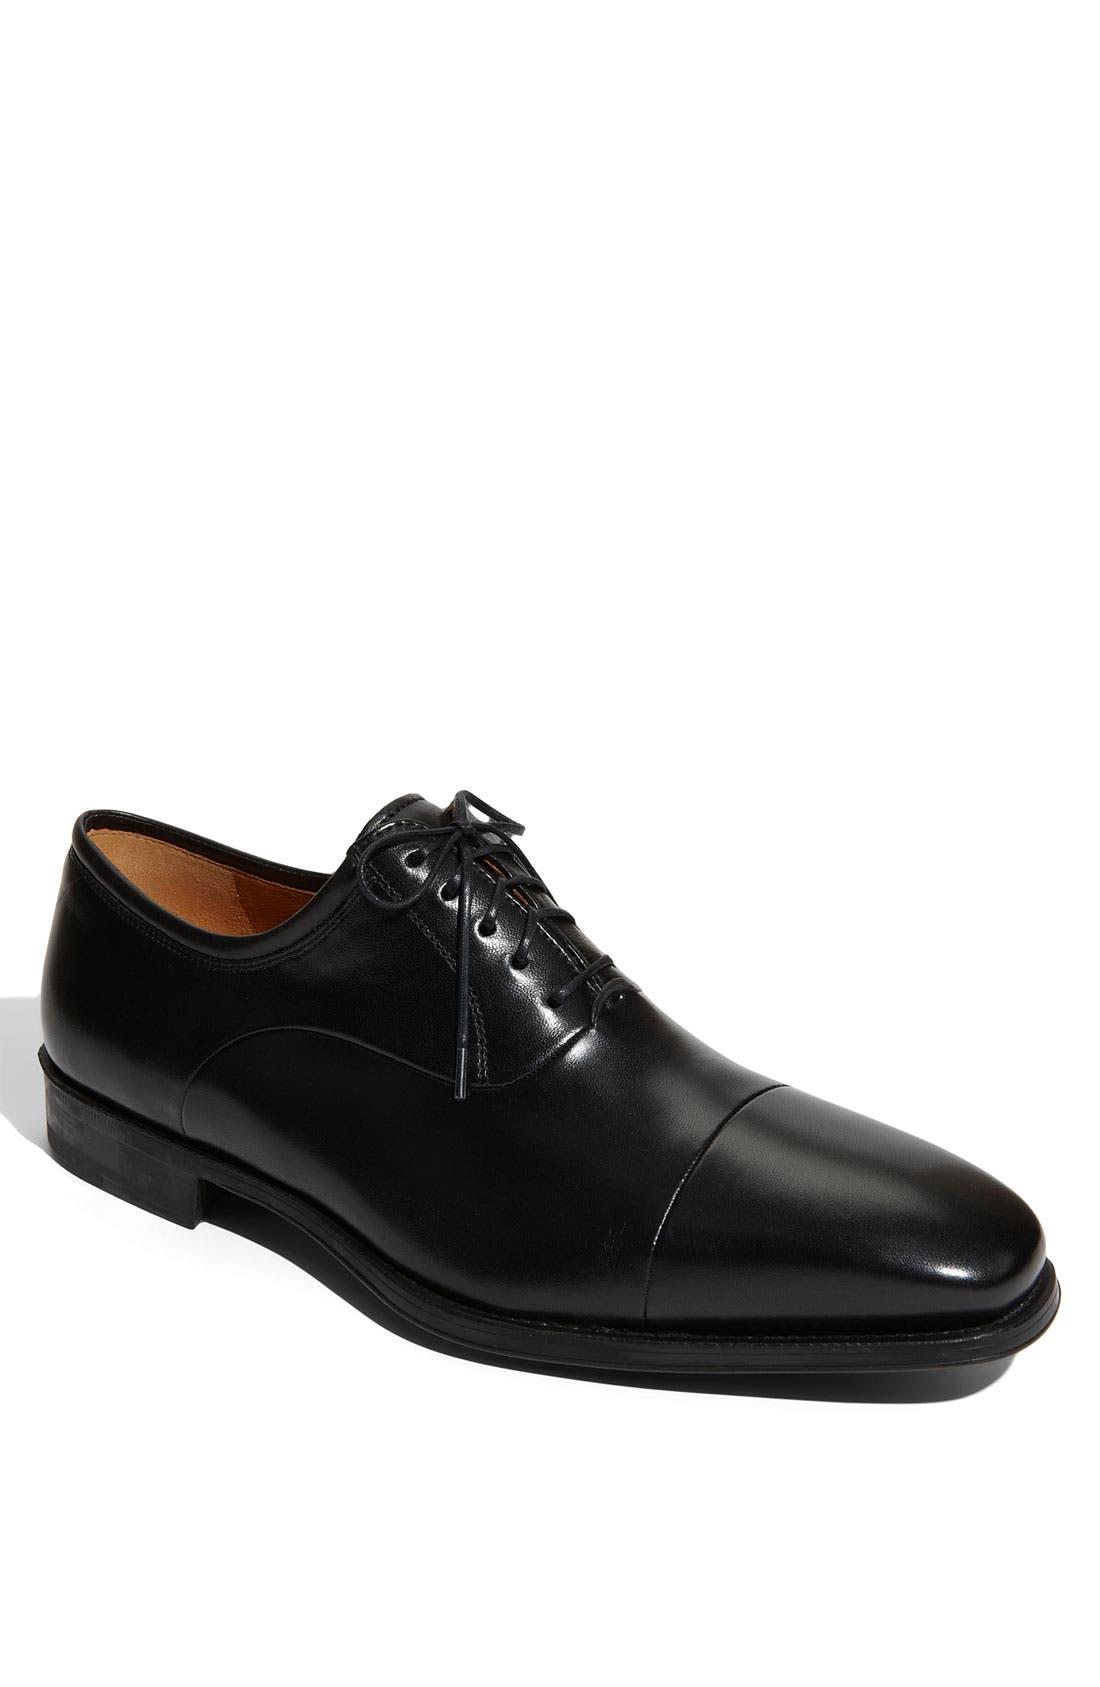 MAGNANNI 'Federico' Oxford, Main, color, BLACK